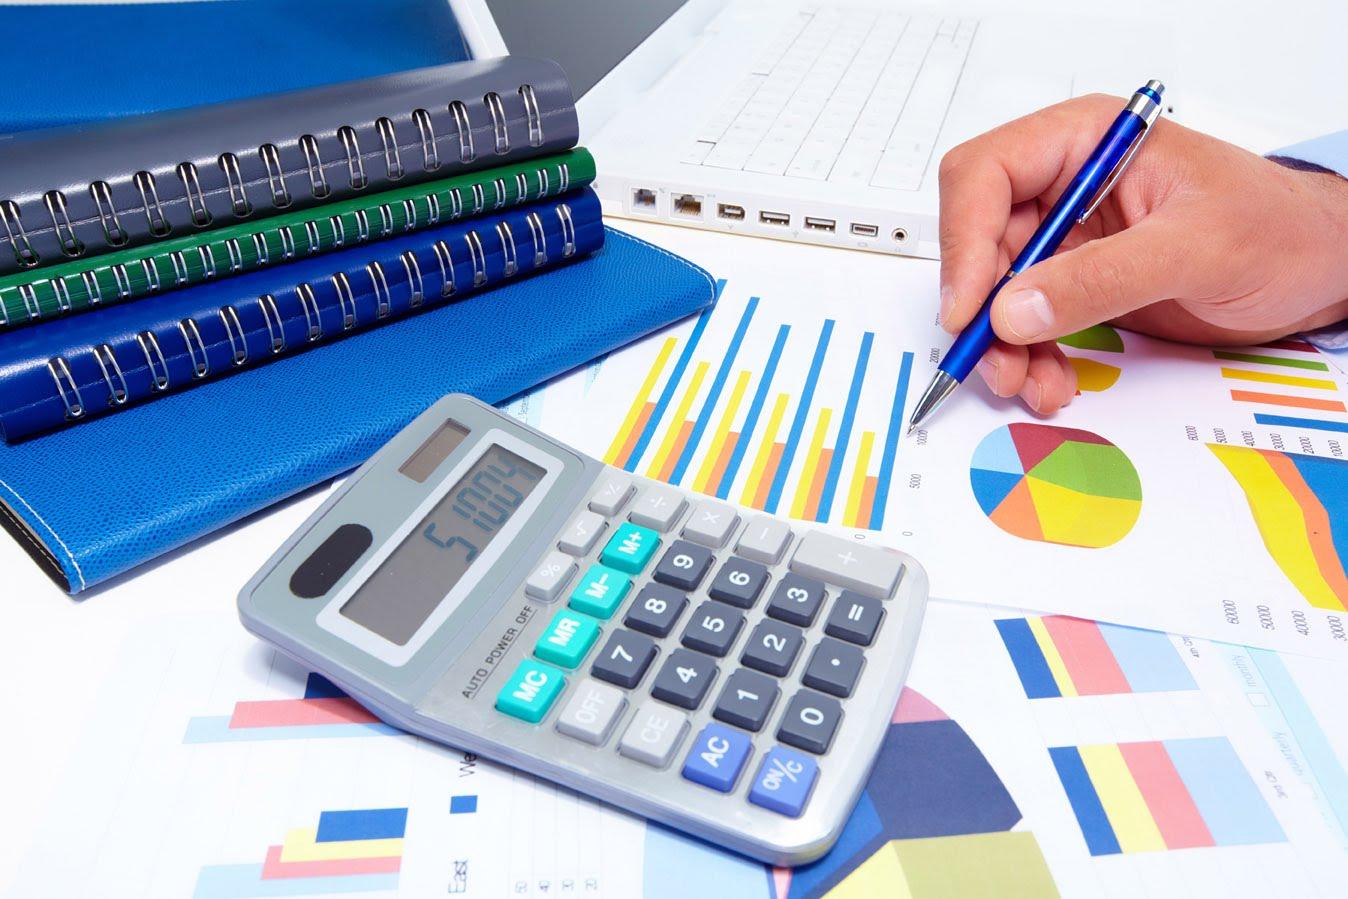 Бухгалтерский учет для начинающих: важные аспекты, которые должен знать каждый